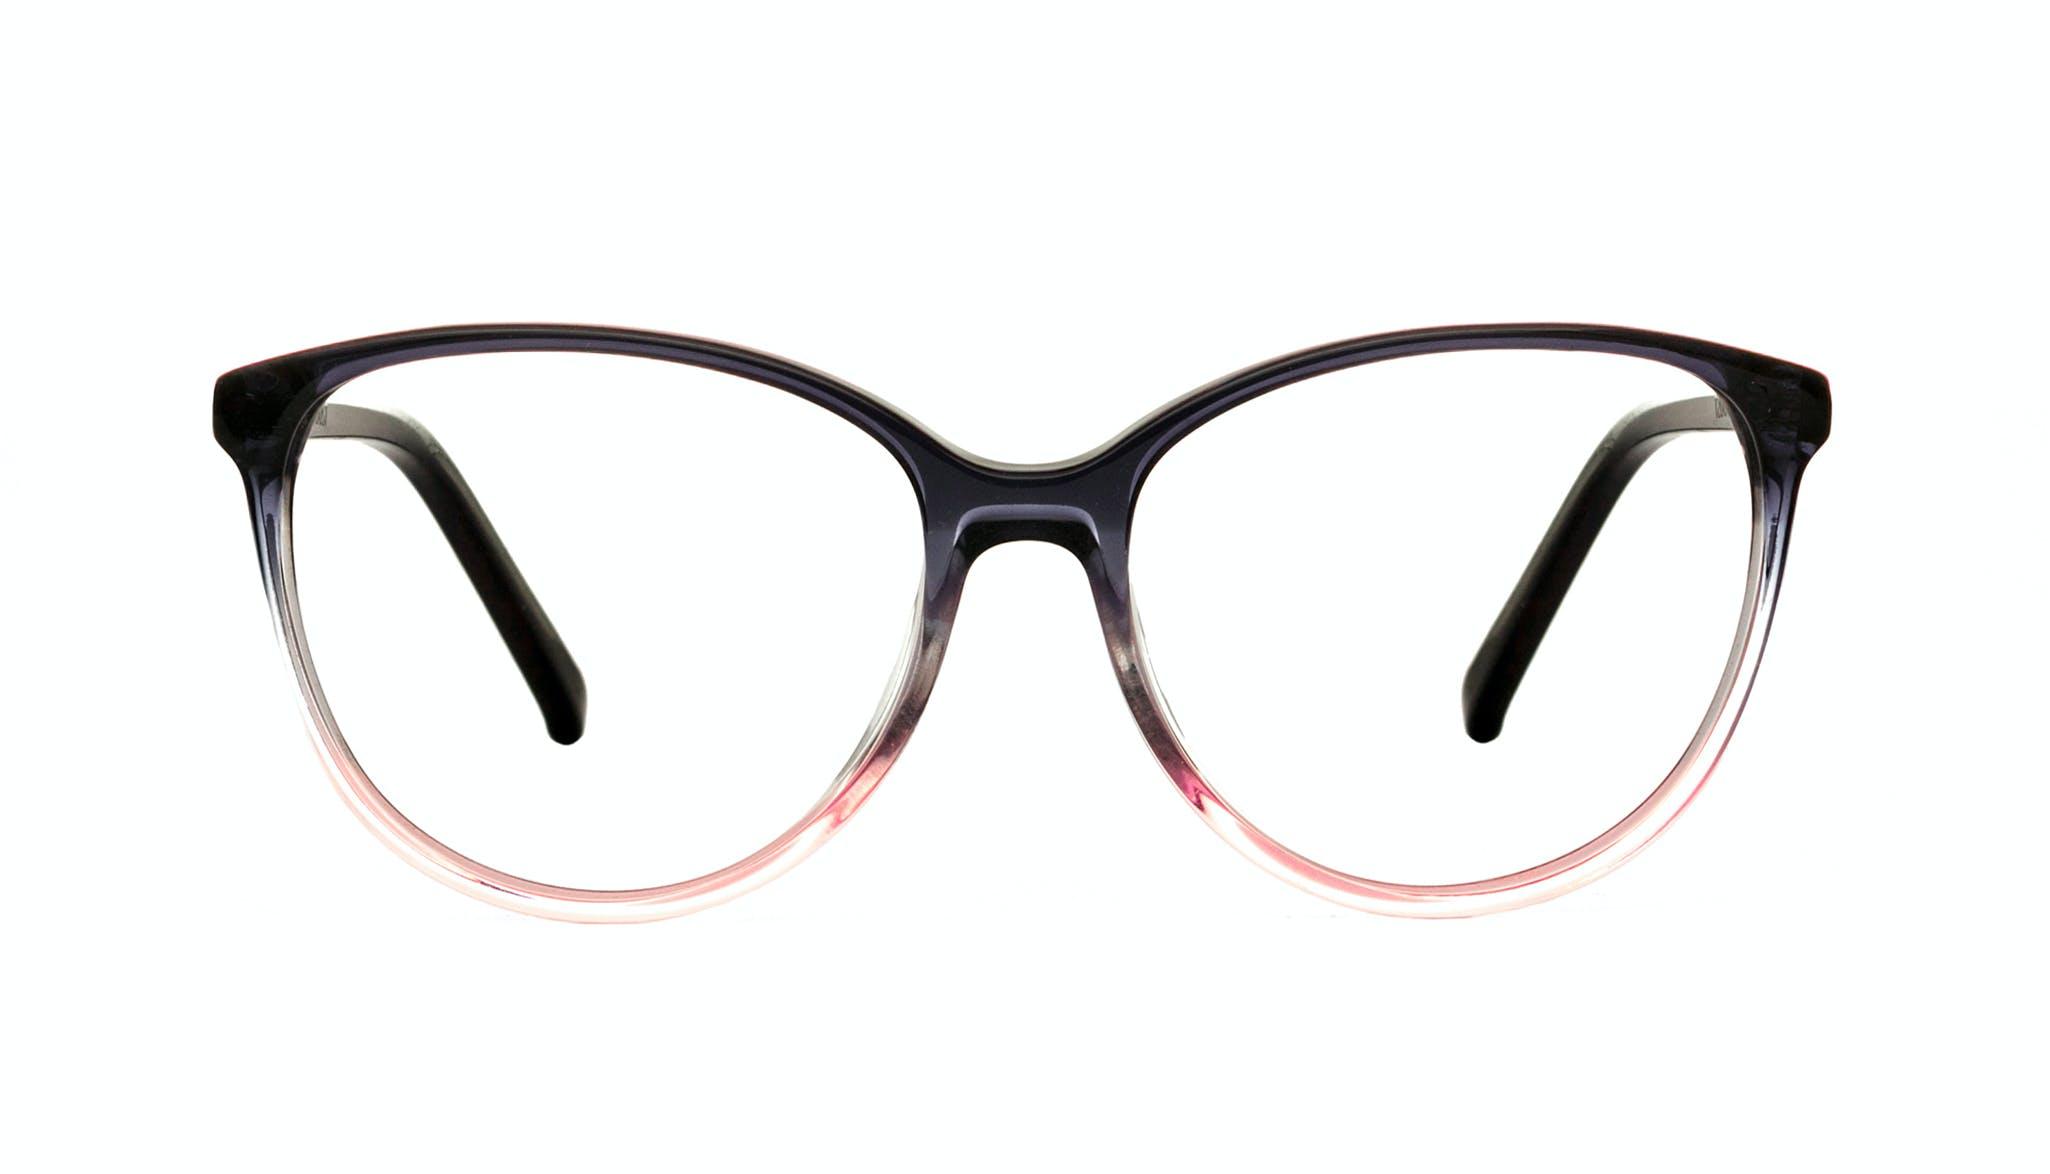 Lunettes tendance Ronde Lunettes de vue Femmes Imagine Pink Dust Face